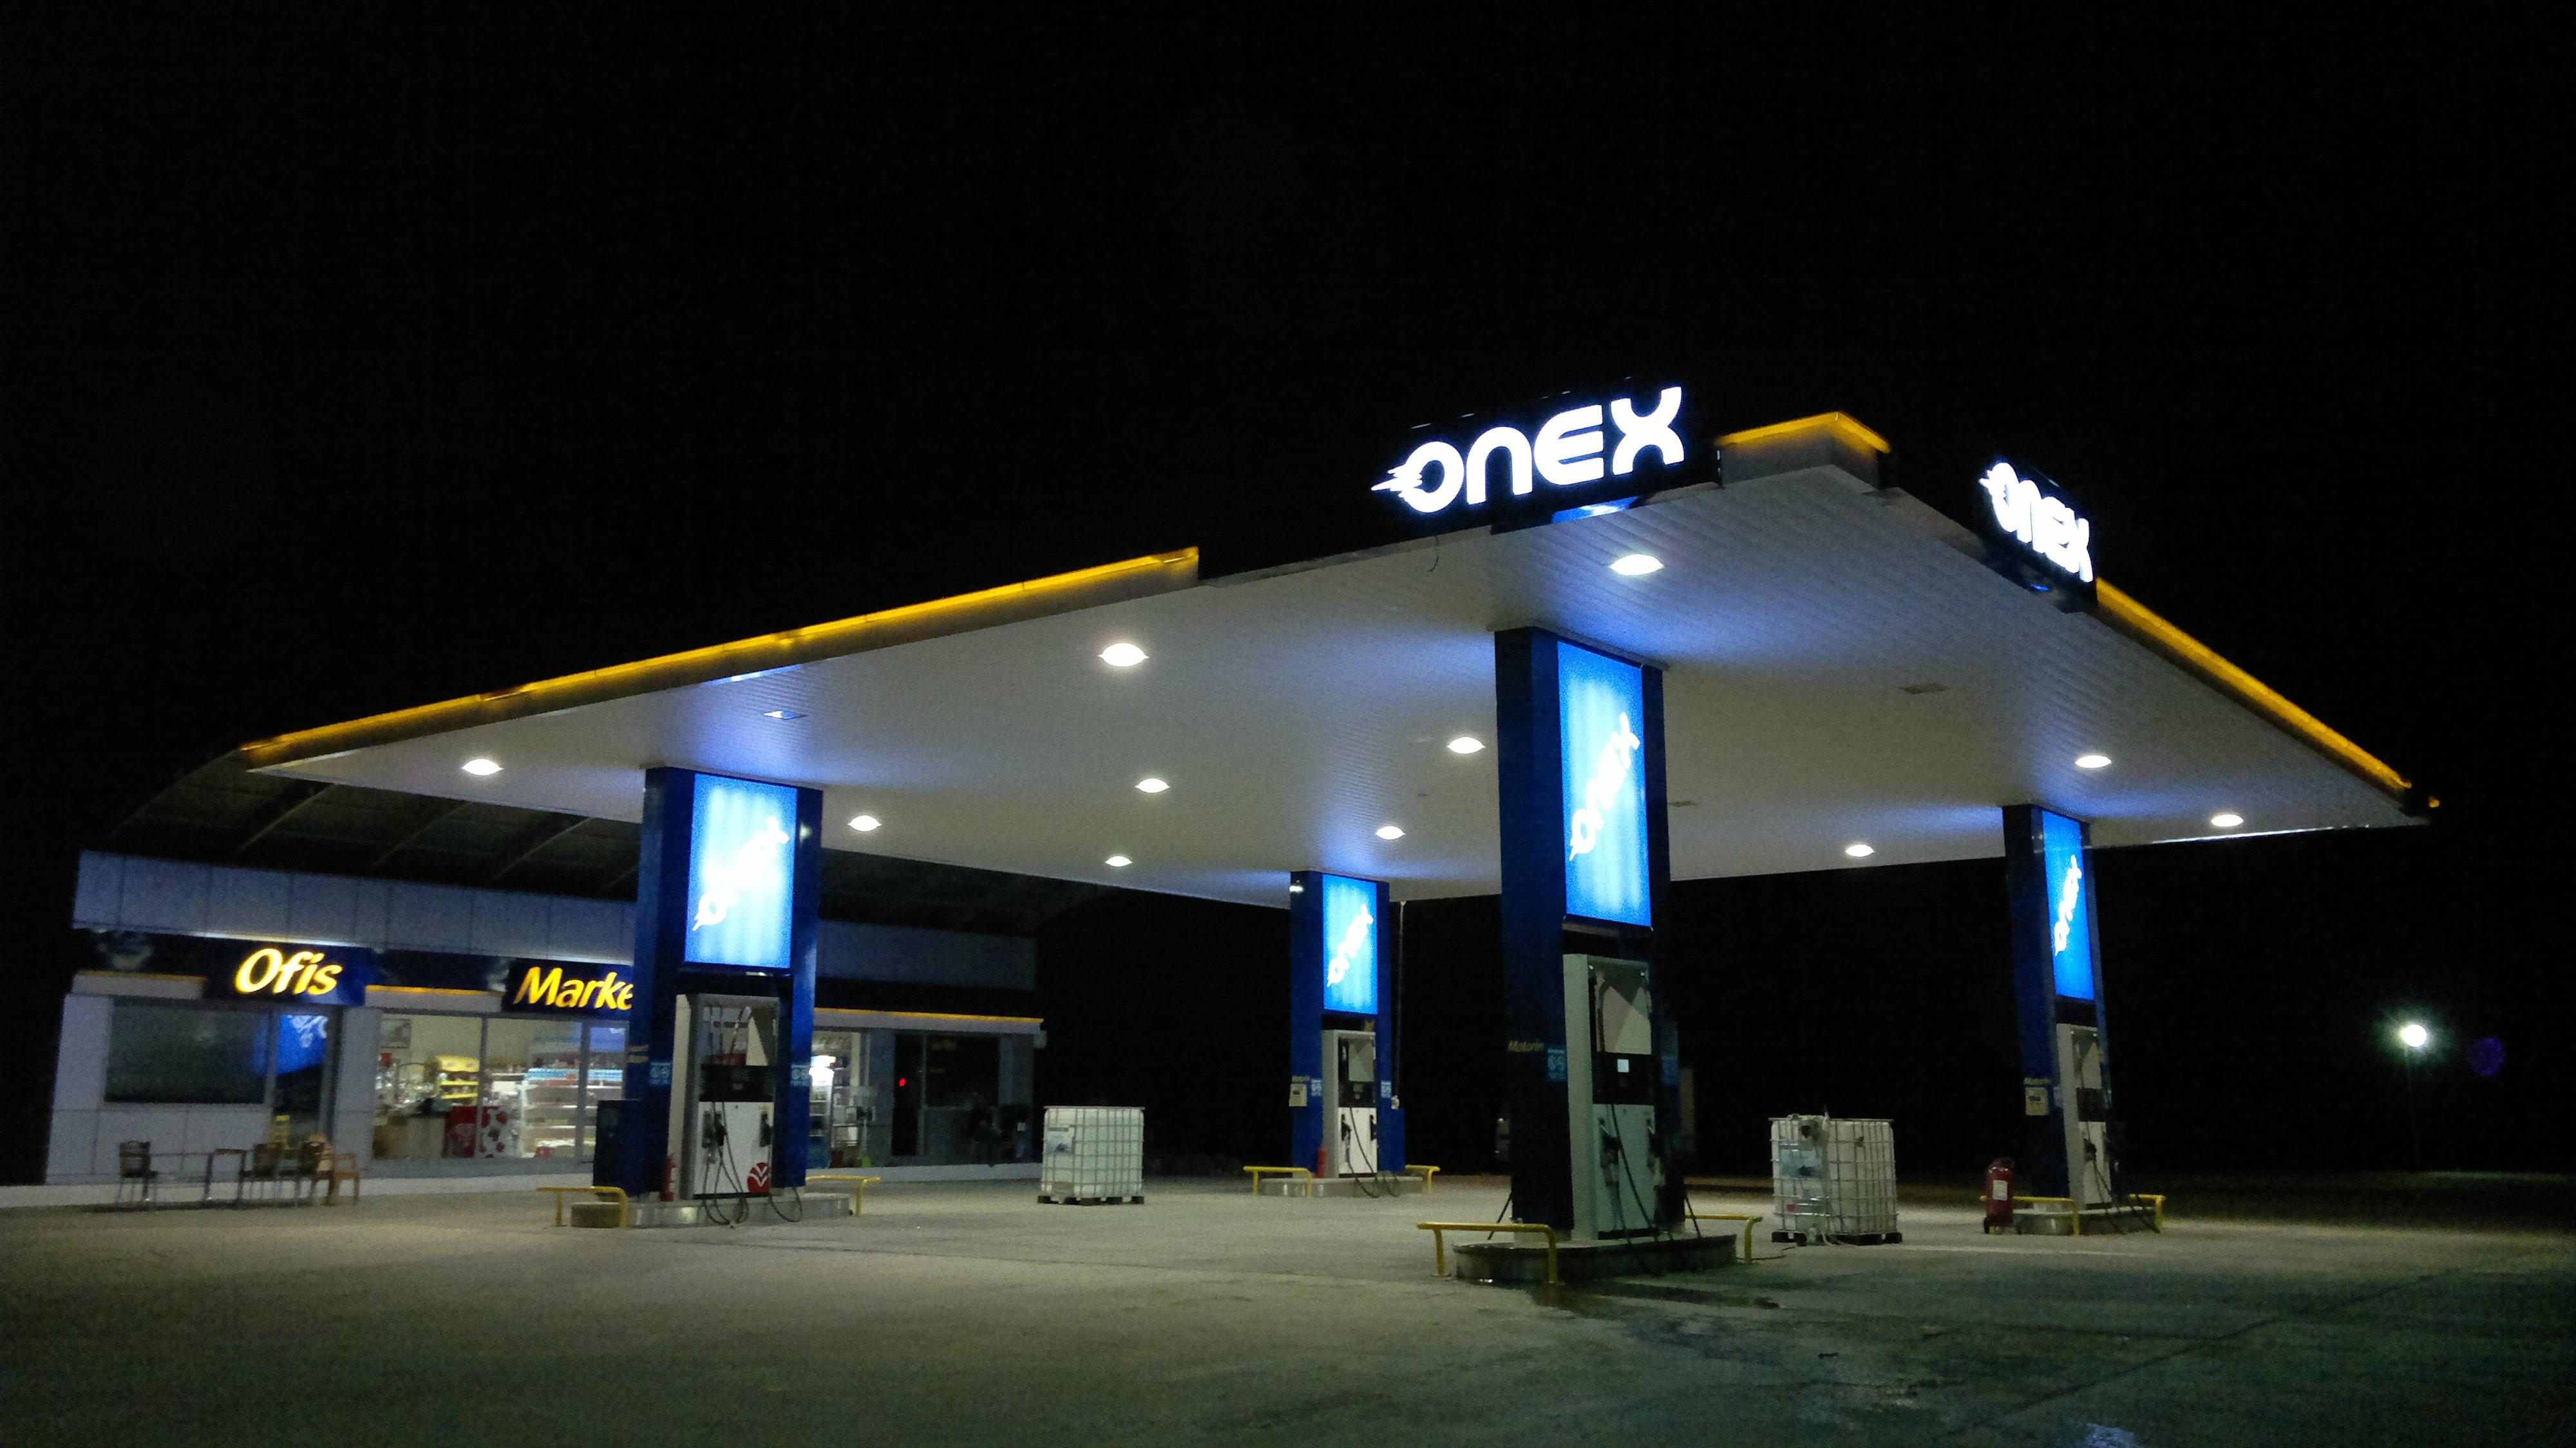 ONEX1